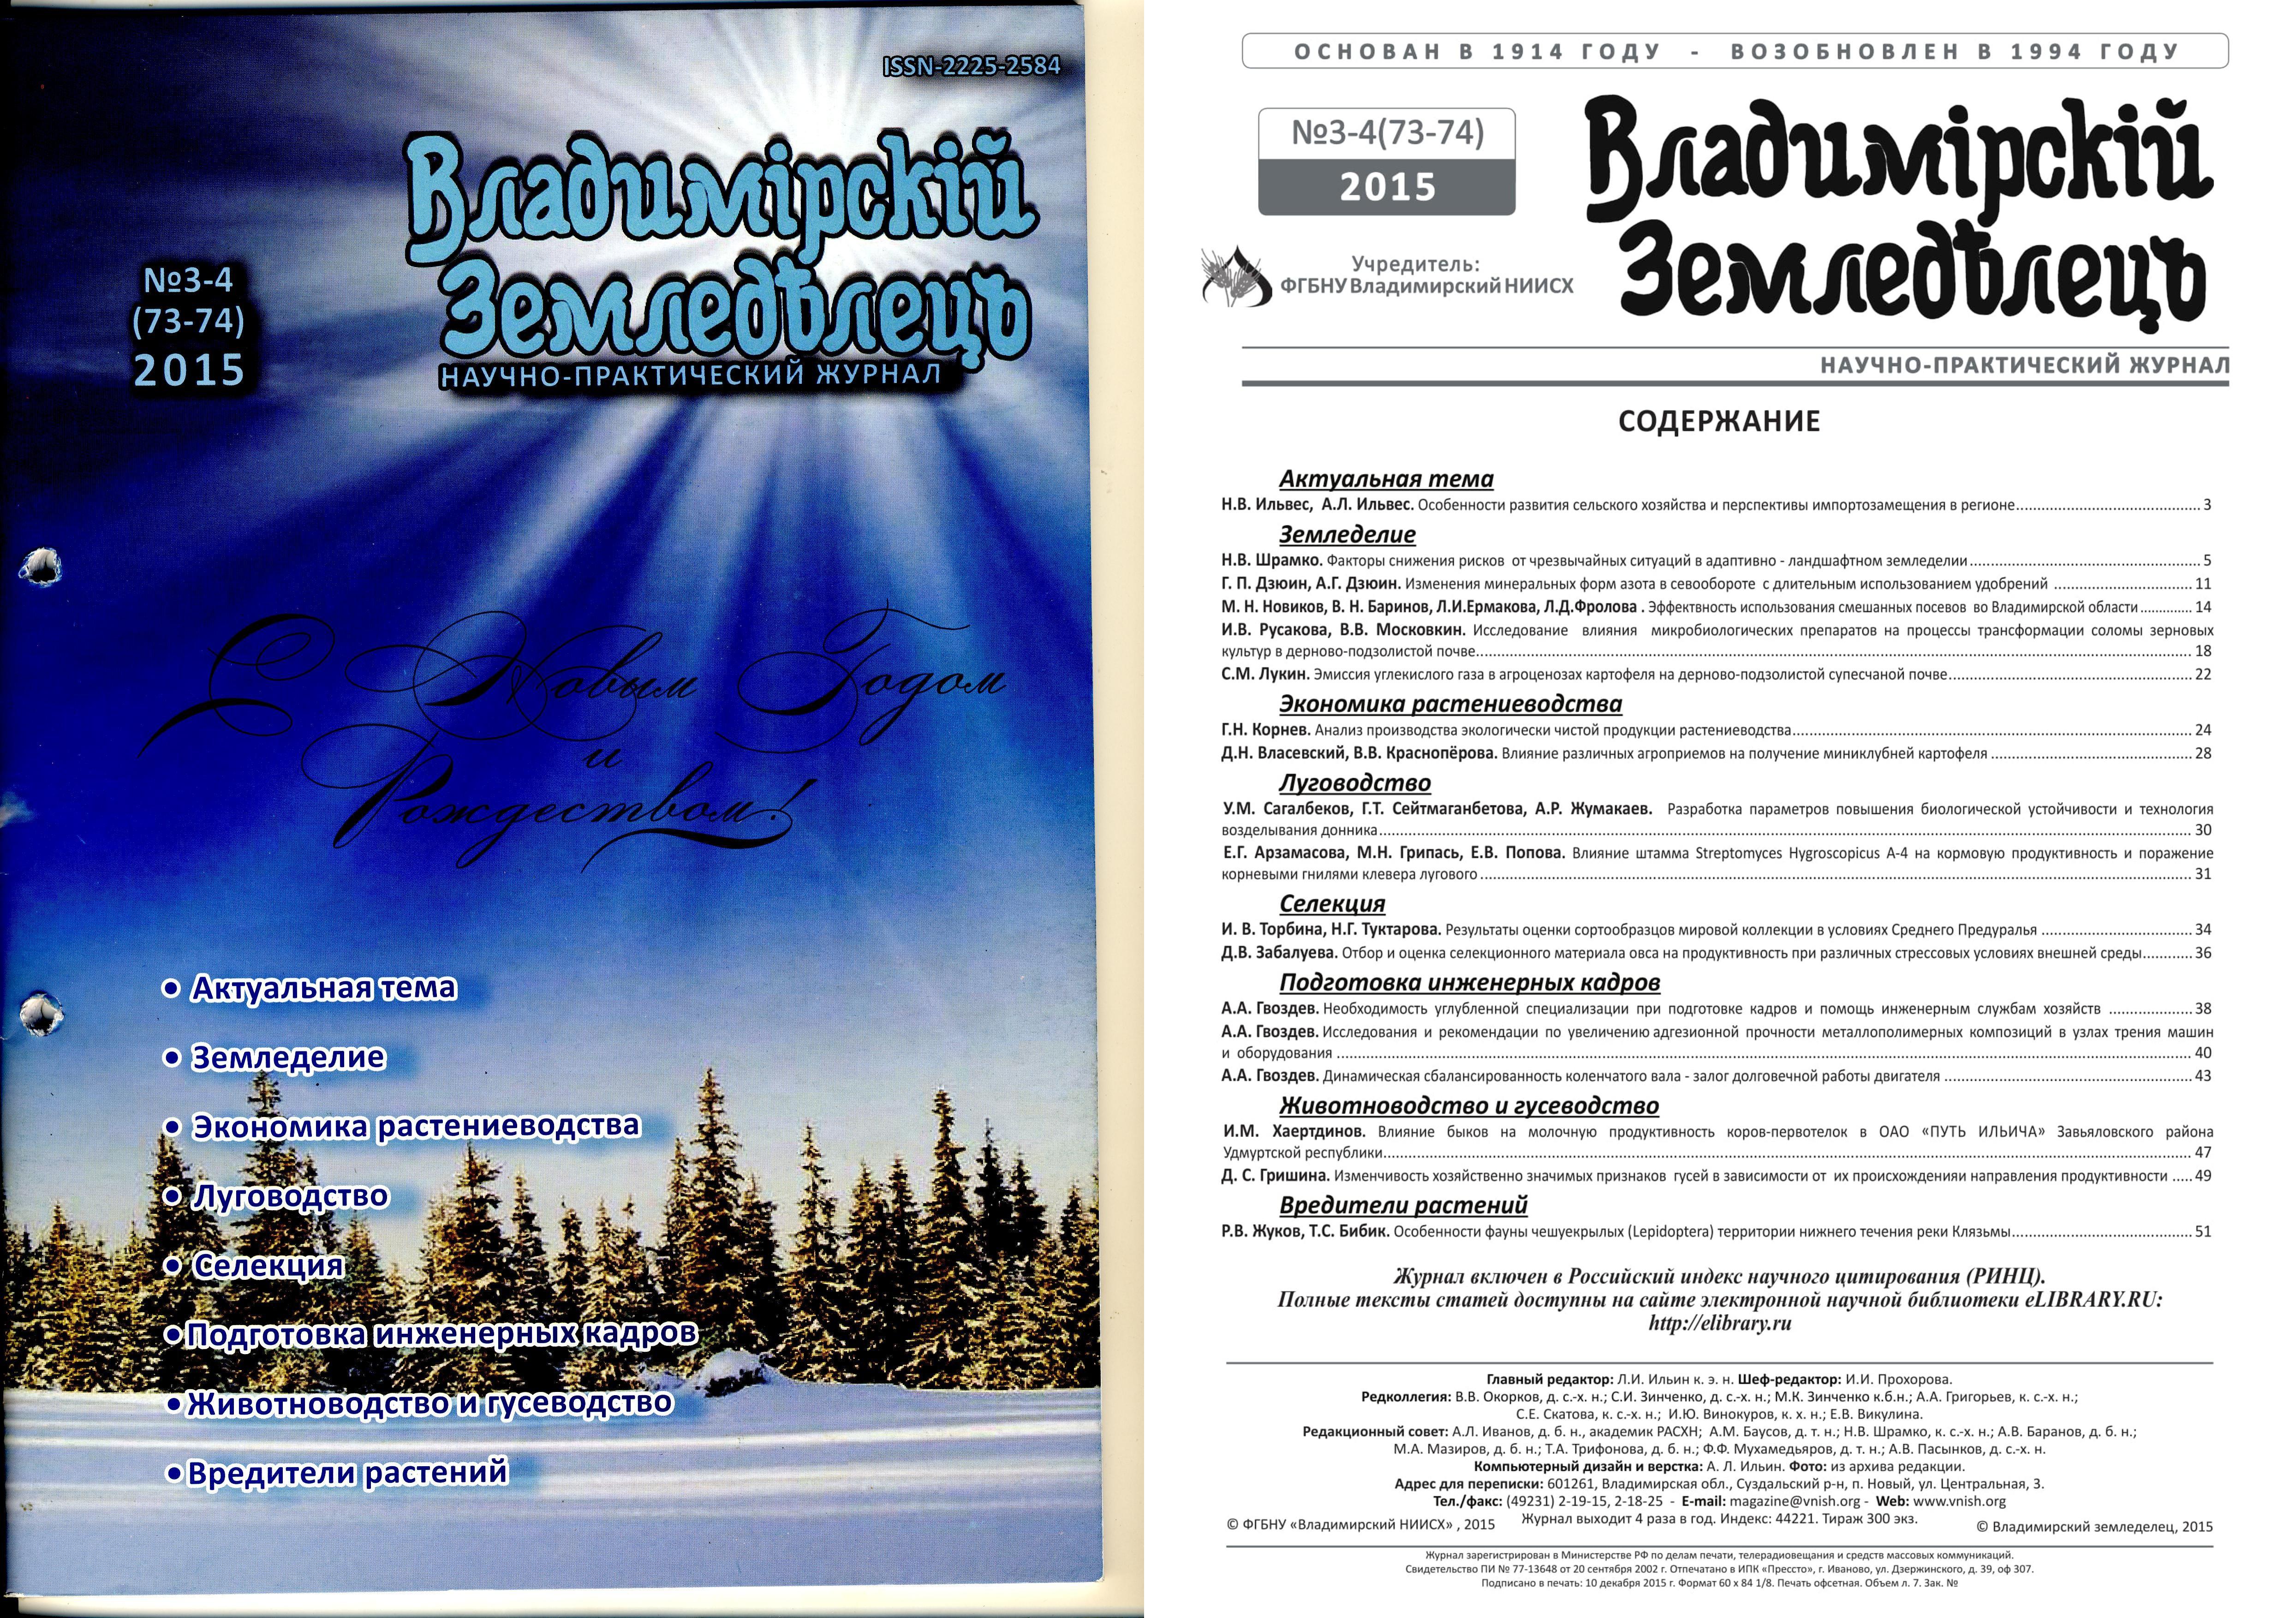 Владимирский земледелец 3-4(73-74) 2015